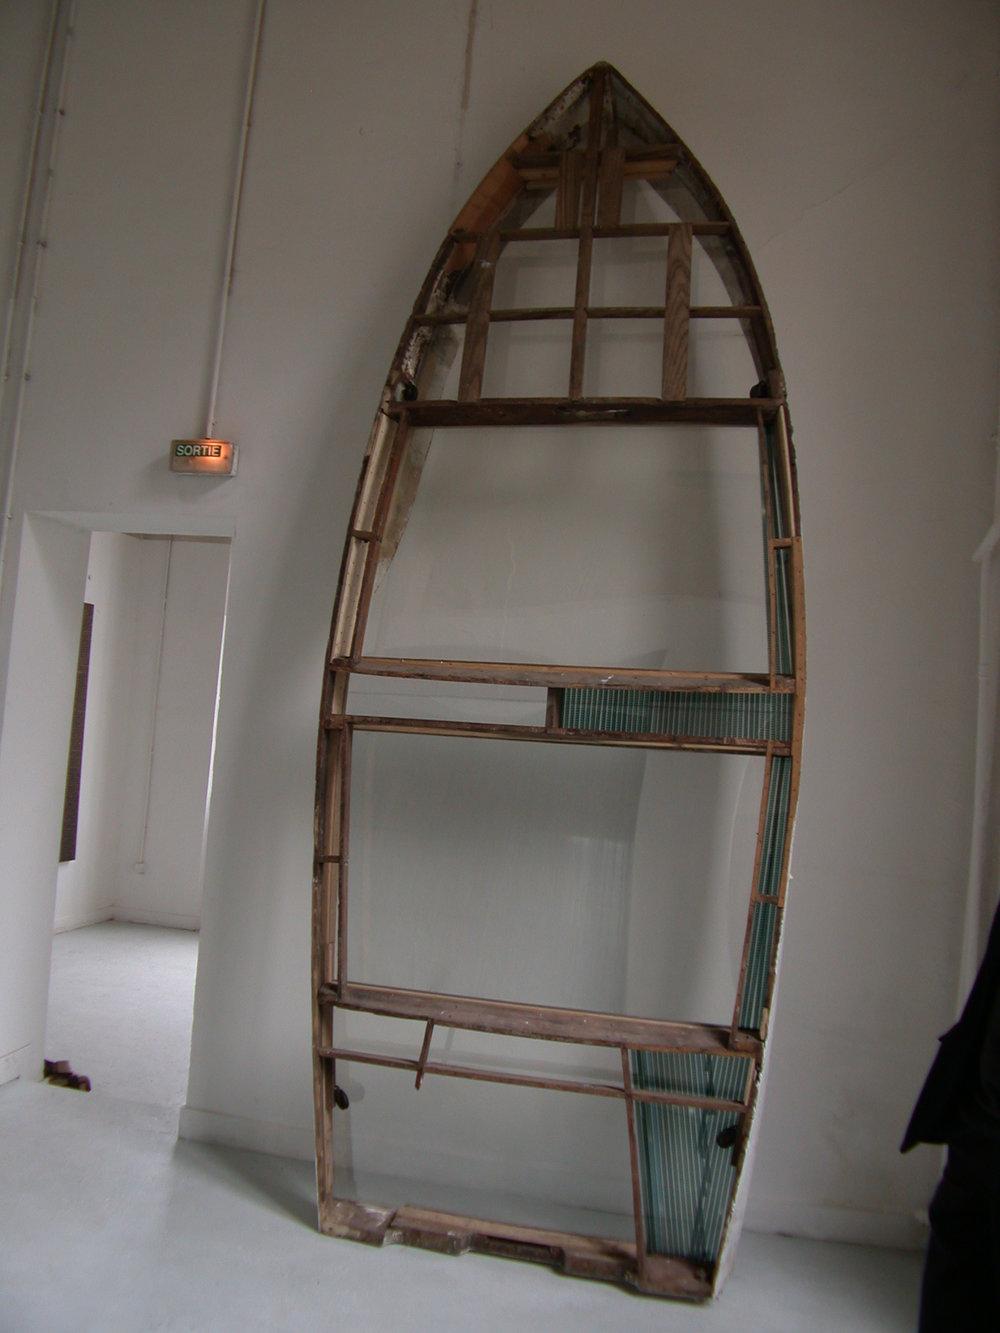 Horizon by Etienne de Fleurieu , Pellicule cinématographique 16 mm sous pléxiglass inséré dans la structure d'une barque en bois